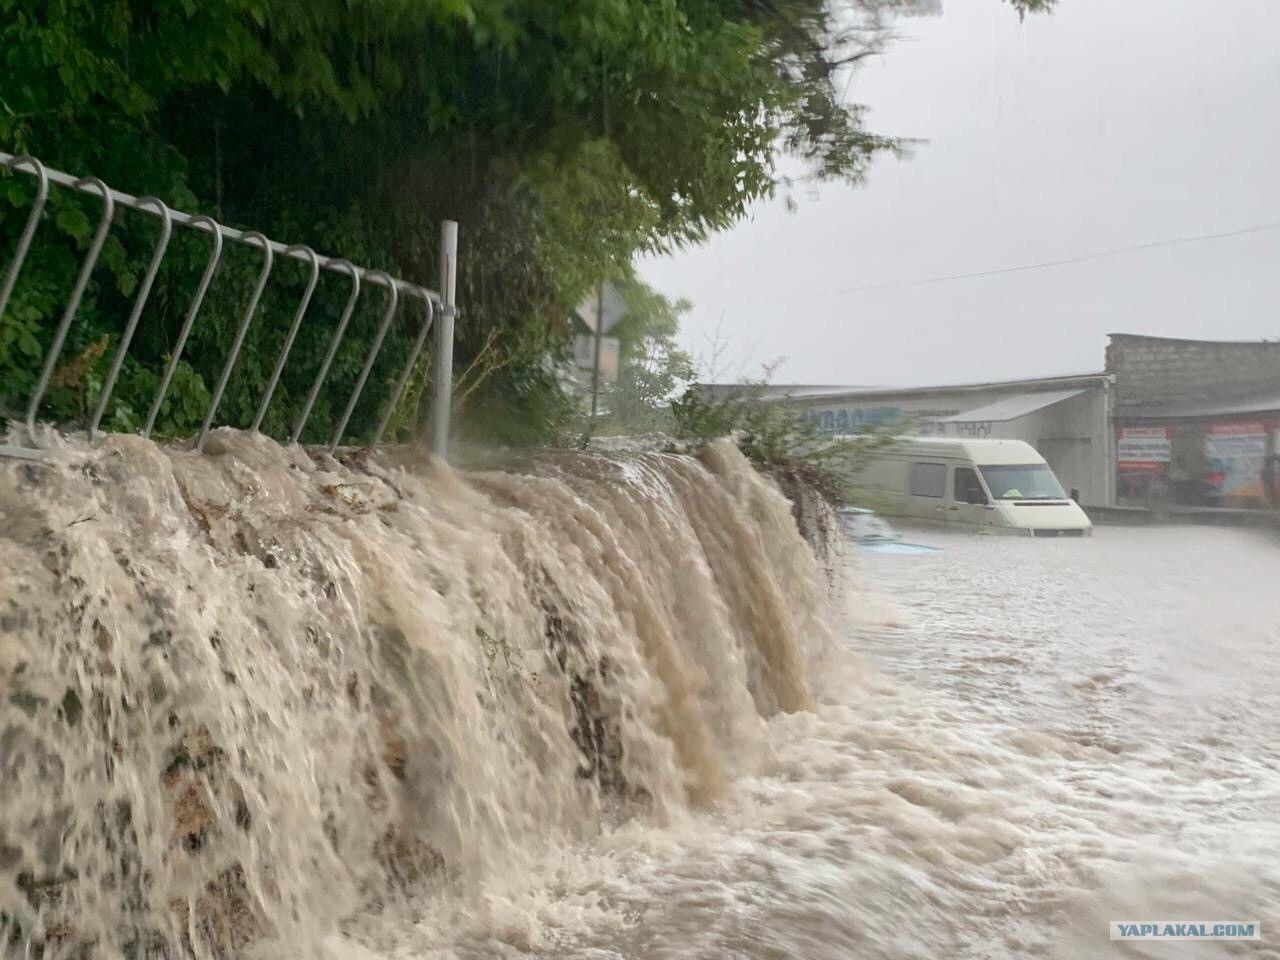 В Крыму ливень затопил аэропорт Симферополя: крыша не выдержала - вода залила терминал